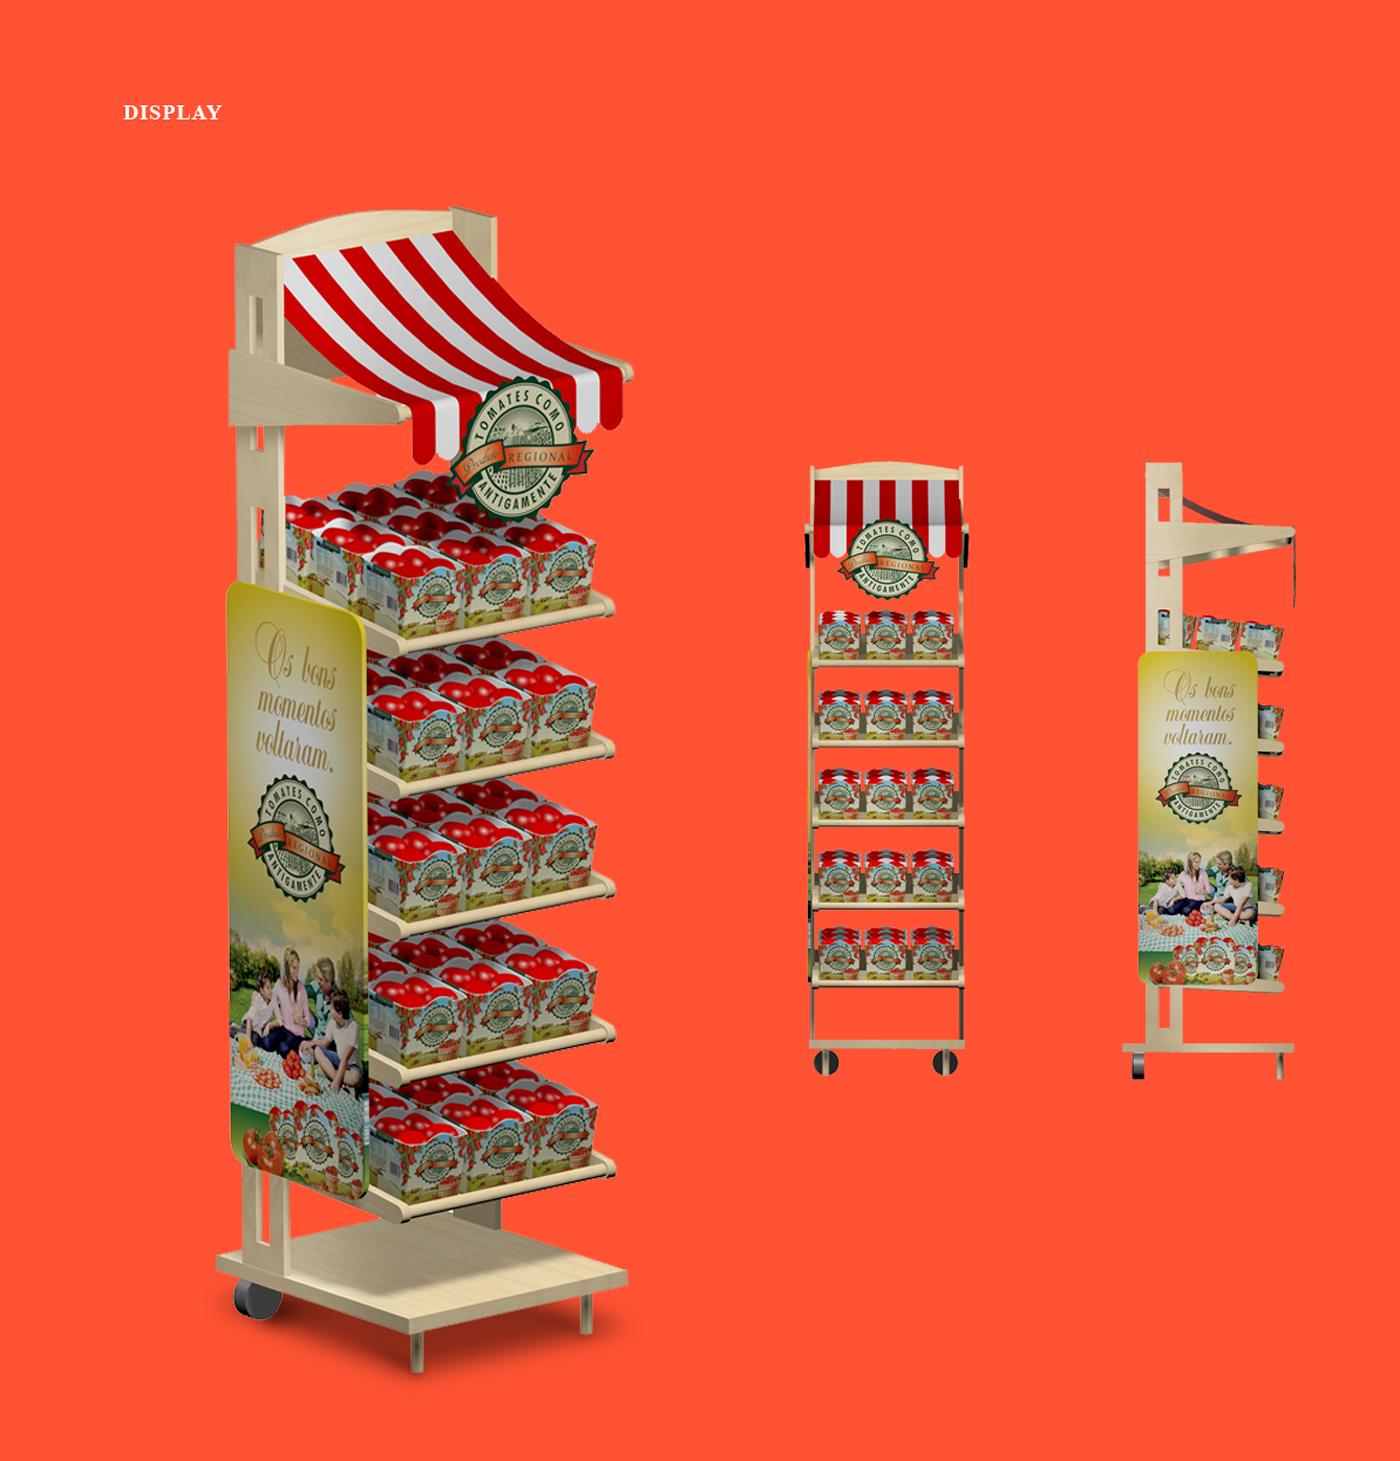 criação de expositores displays para bandejas para frutas e tomates